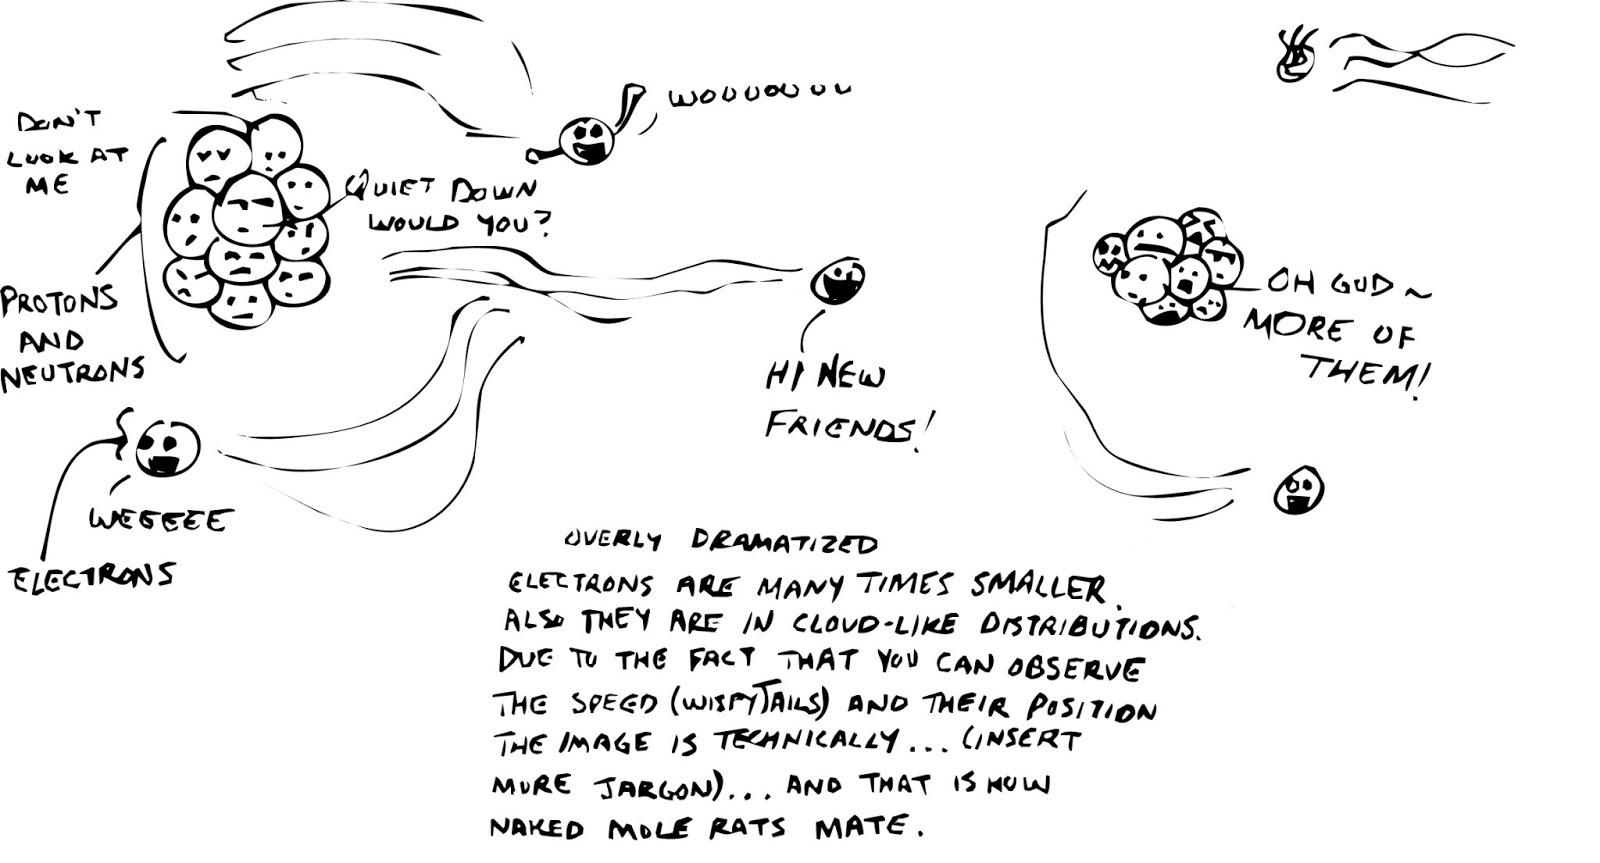 Sketchy Science June